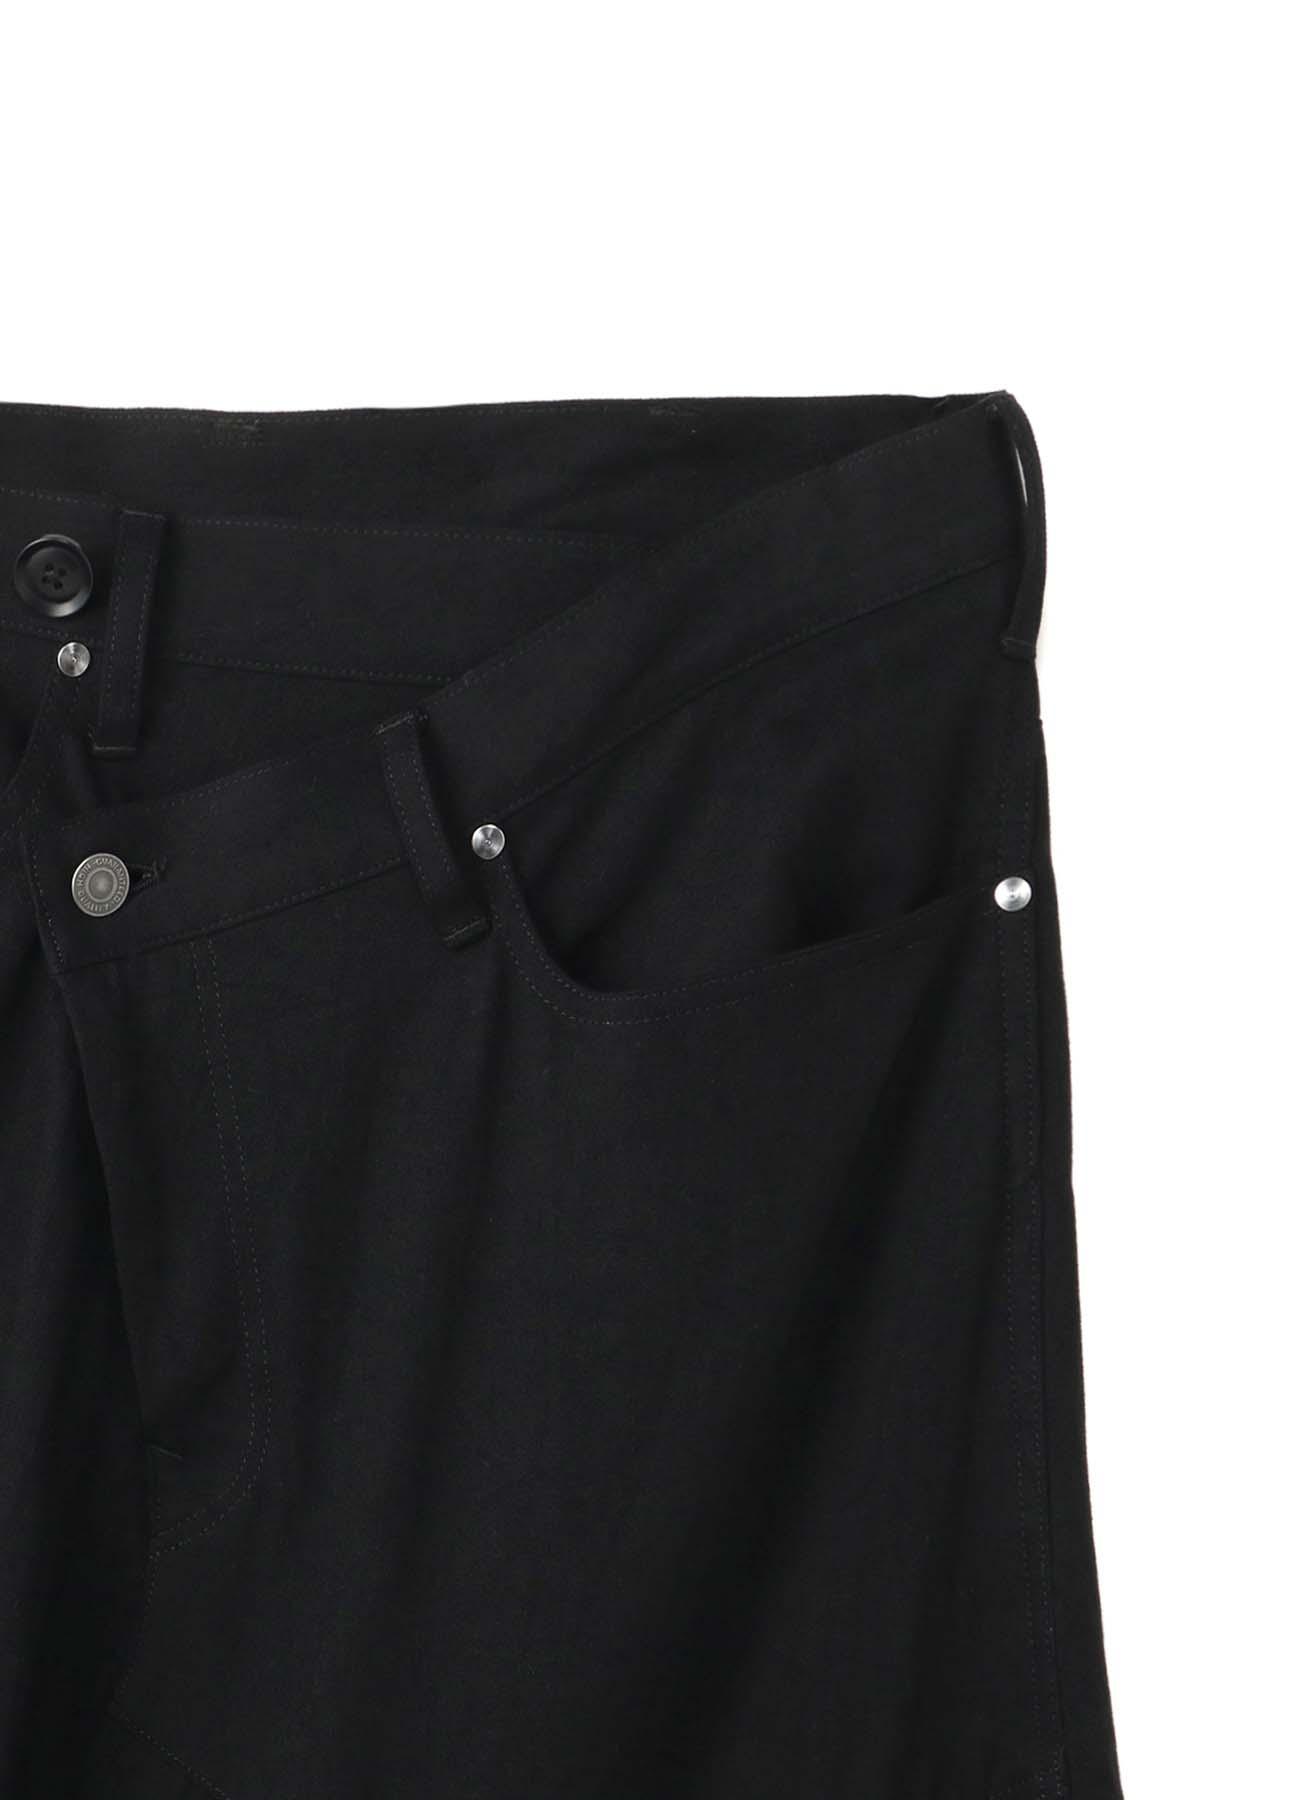 <Ground Y×7ORDER Collaboration Project>7.5oz Black Denim One Shoulder Flare Pants